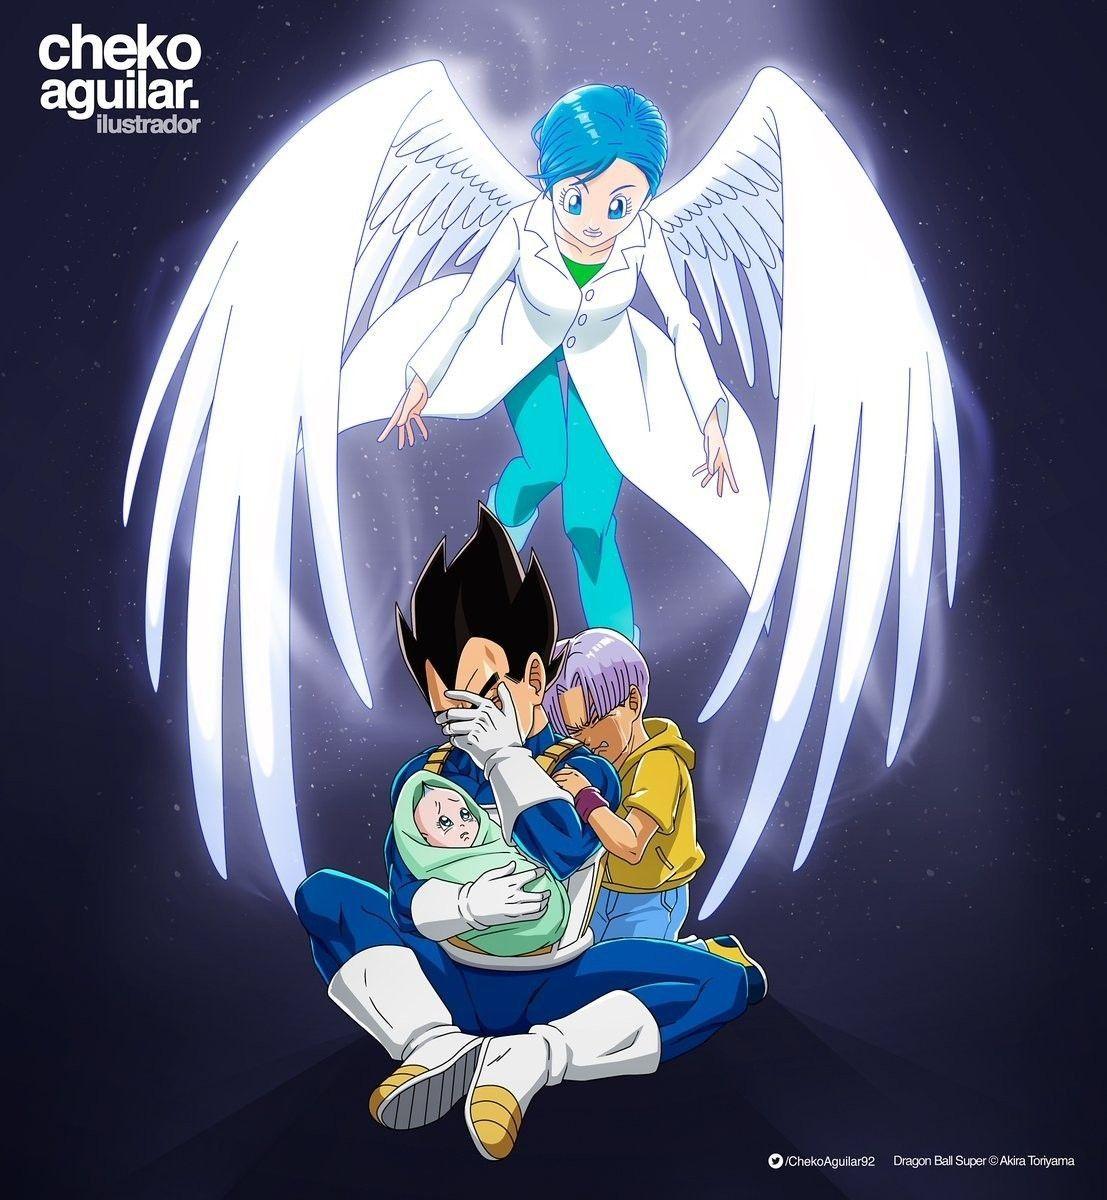 Pin By Kurtis Reid On Dragon Ball Anime Dragon Ball Super Dragon Ball Super Manga Anime Dragon Ball